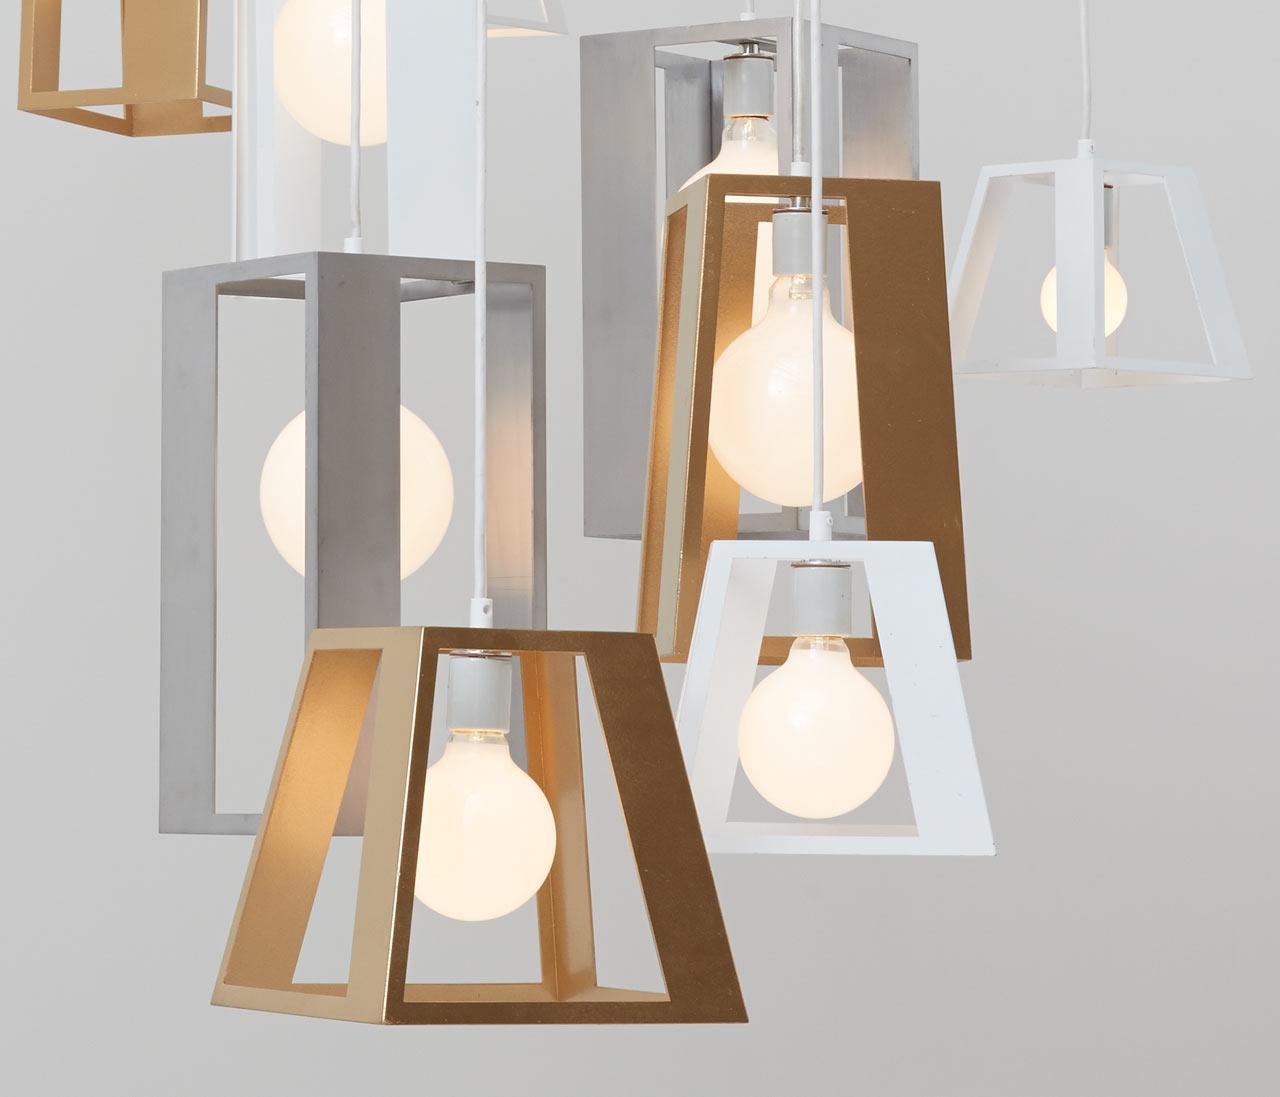 Hacer lamparas de techo negocio rentable hoy - Como hacer una lampara de techo moderna ...